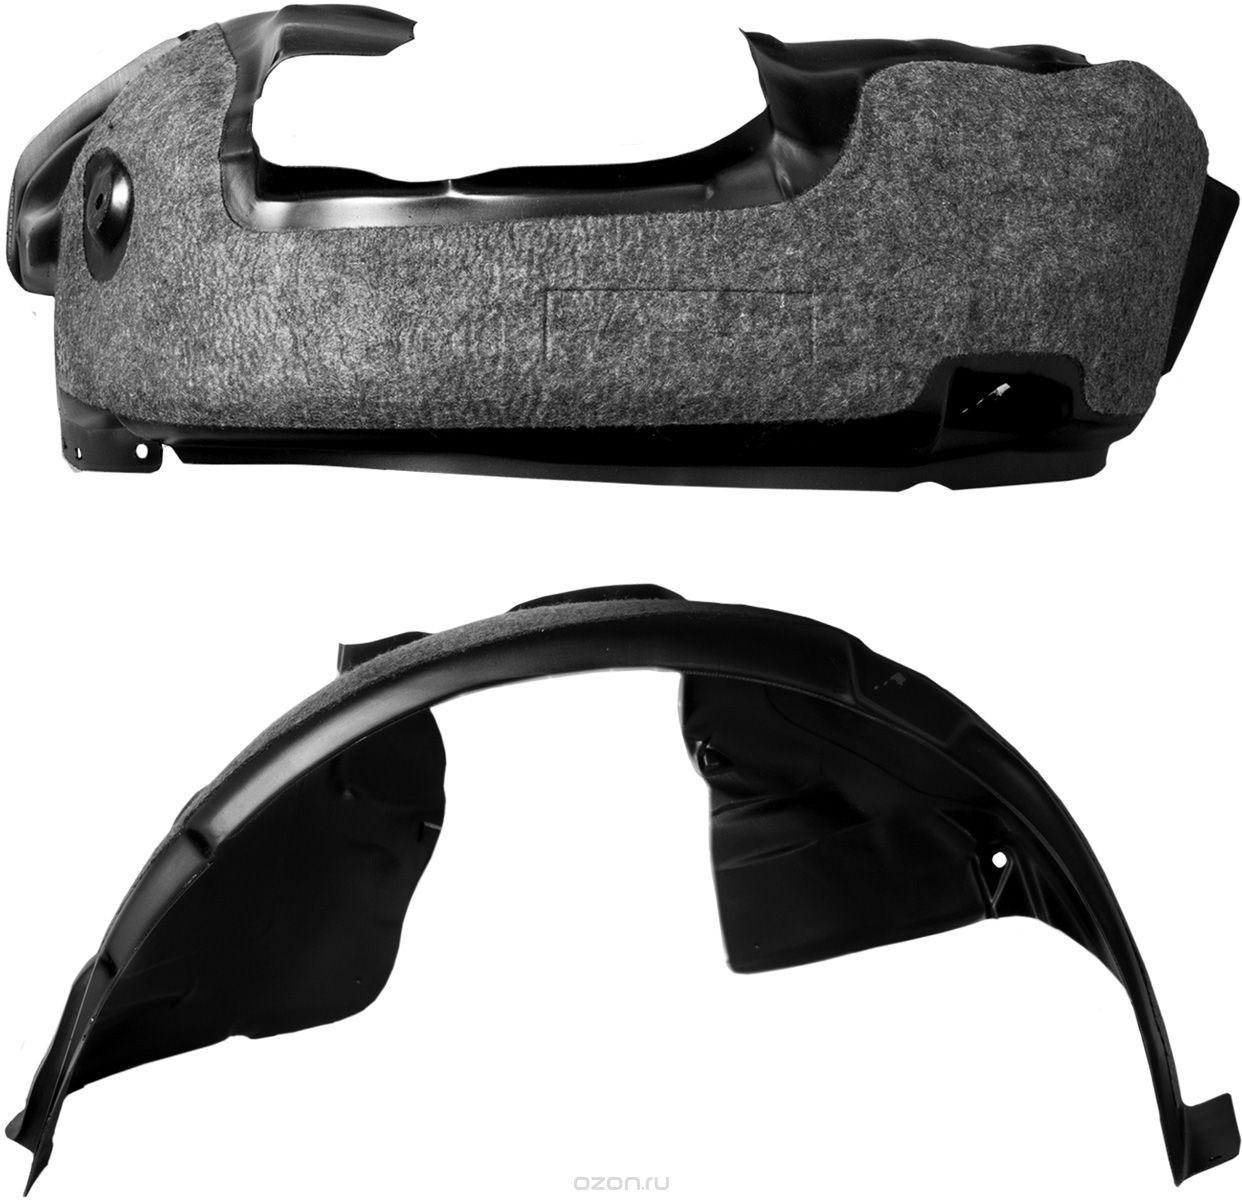 Подкрылок Novline-Autofamily с шумоизоляцией, для Kia Sportage, 2016->, кроссовер, задний правыйNLS.25.44.004Идеальная защита колесной ниши. Локеры разработаны с применением цифровых технологий, гарантируют максимальную повторяемость поверхности арки. Изделия устанавливаются без нарушения лакокрасочного покрытия автомобиля, каждый подкрылок комплектуется крепежом. Уважаемые клиенты, обращаем ваше внимание, что фотографии на подкрылки универсальные и не отражают реальную форму изделия. При этом само изделие идет точно под размер указанного автомобиля.